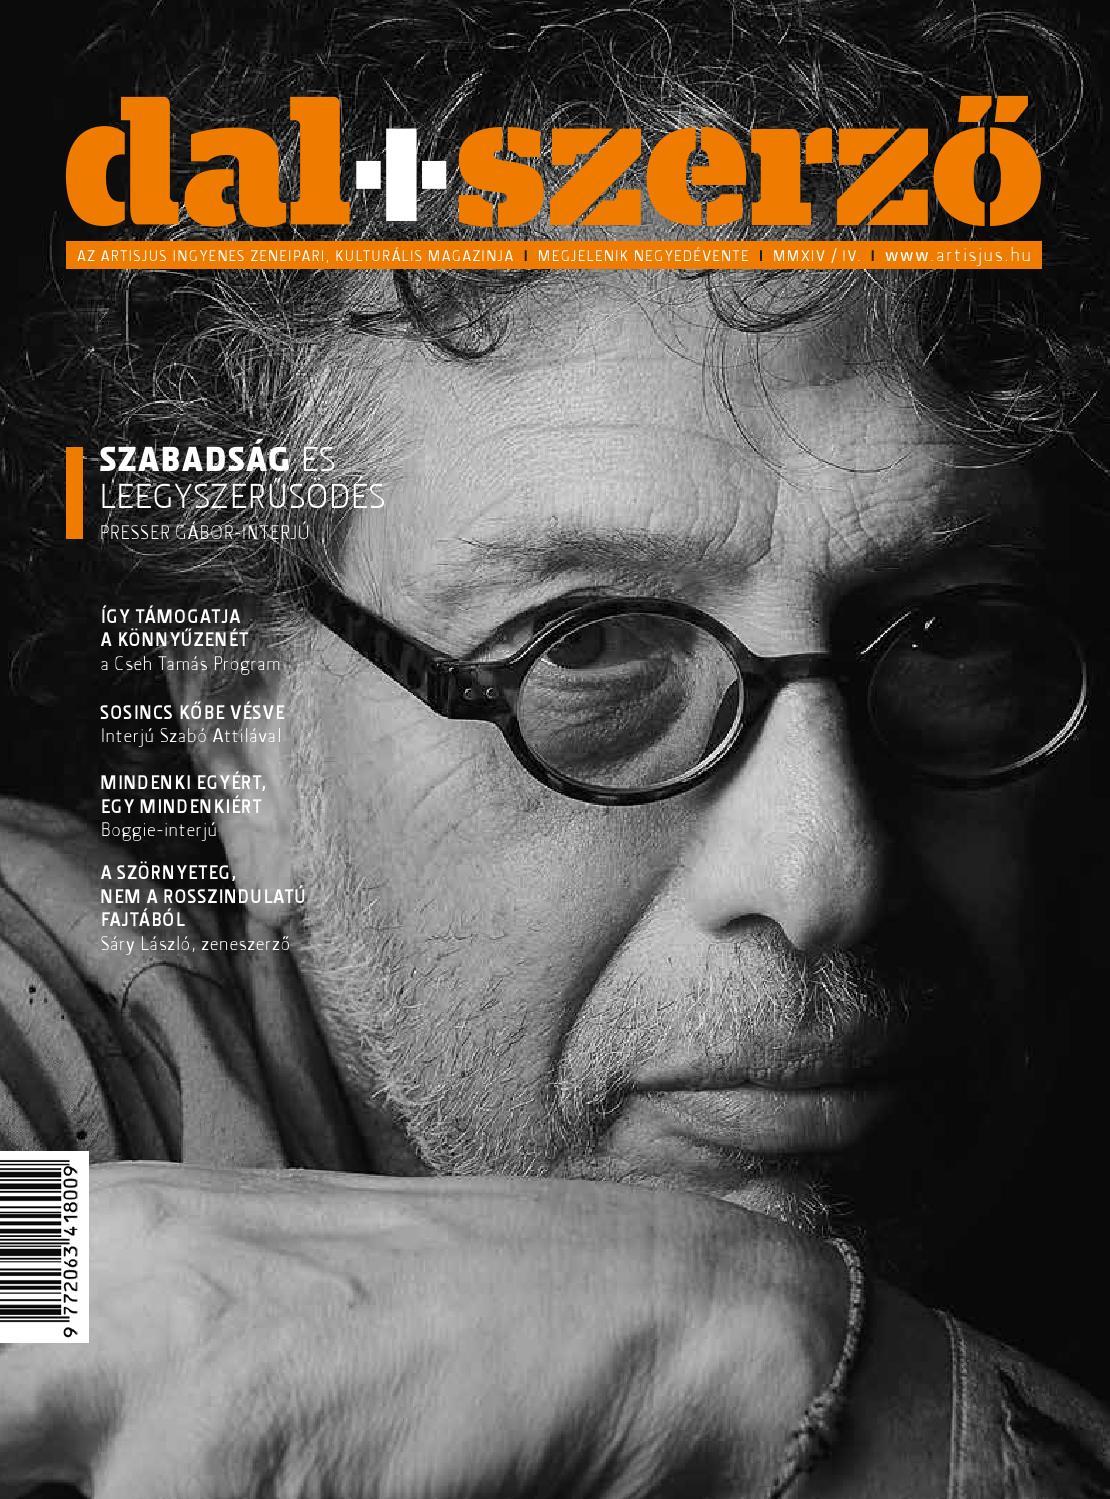 Dal+Szerző magazin 2014 04 by Artisjus - issuu a791898b27